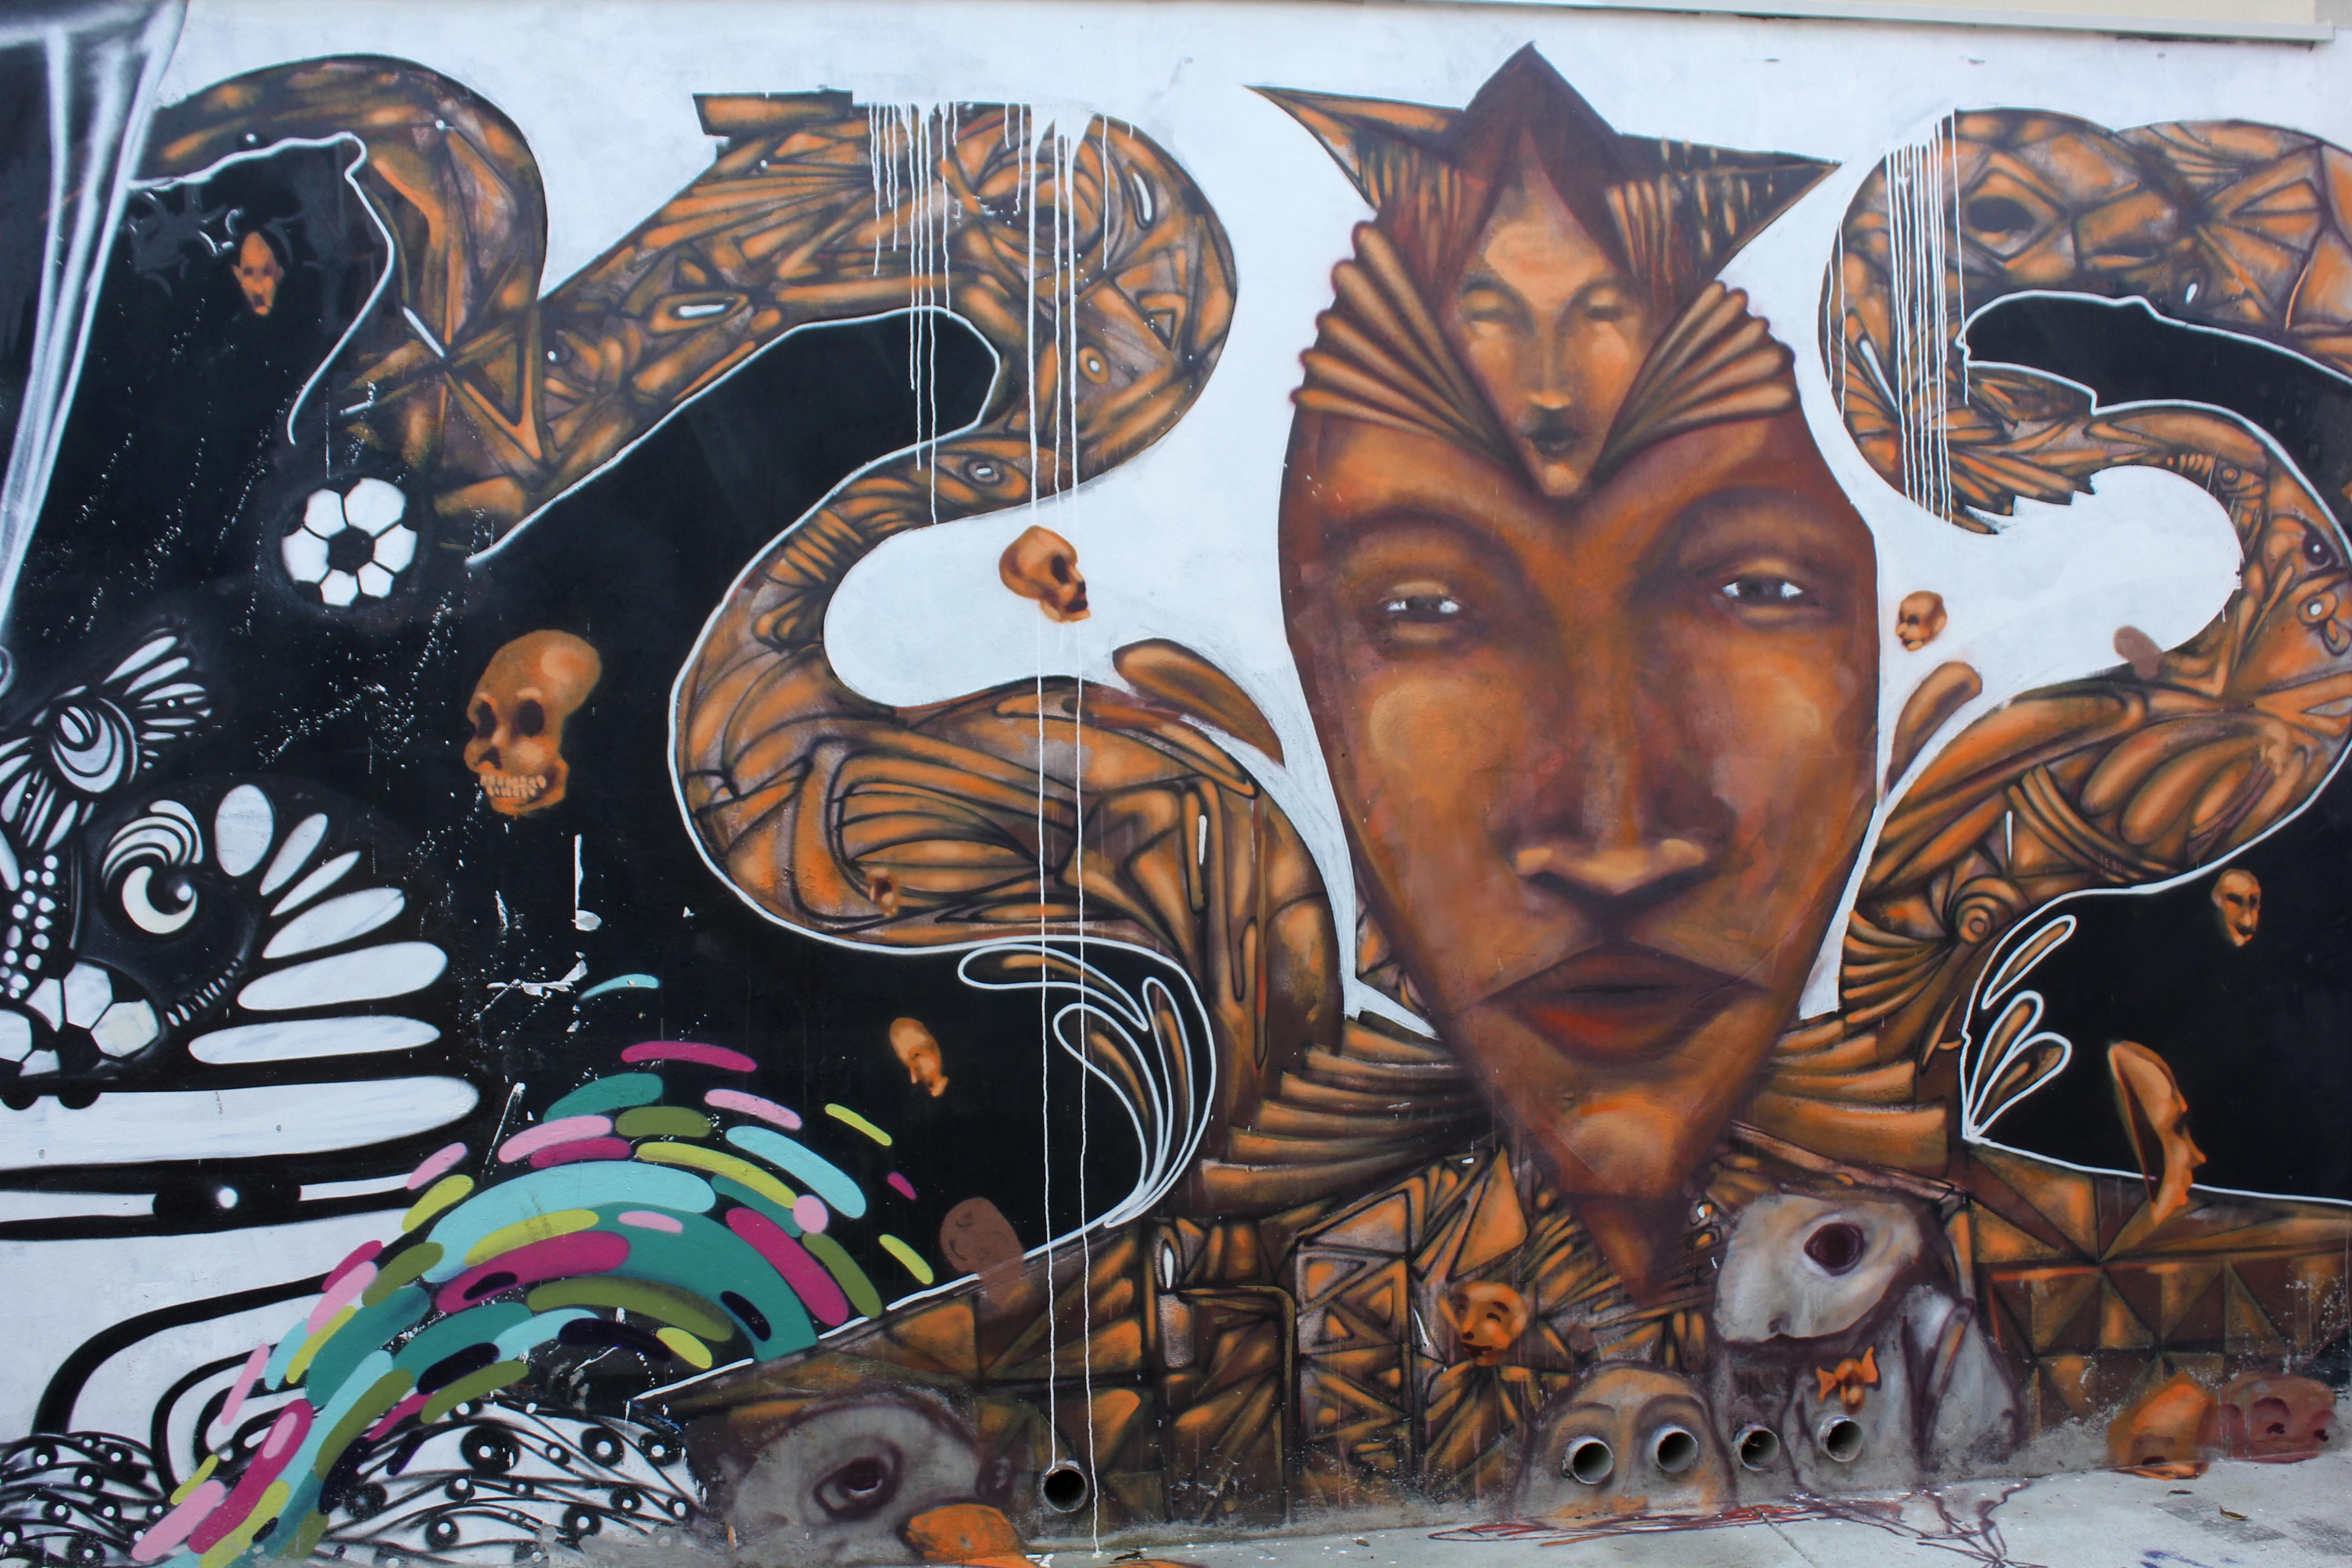 São Paulo's Street Art 41